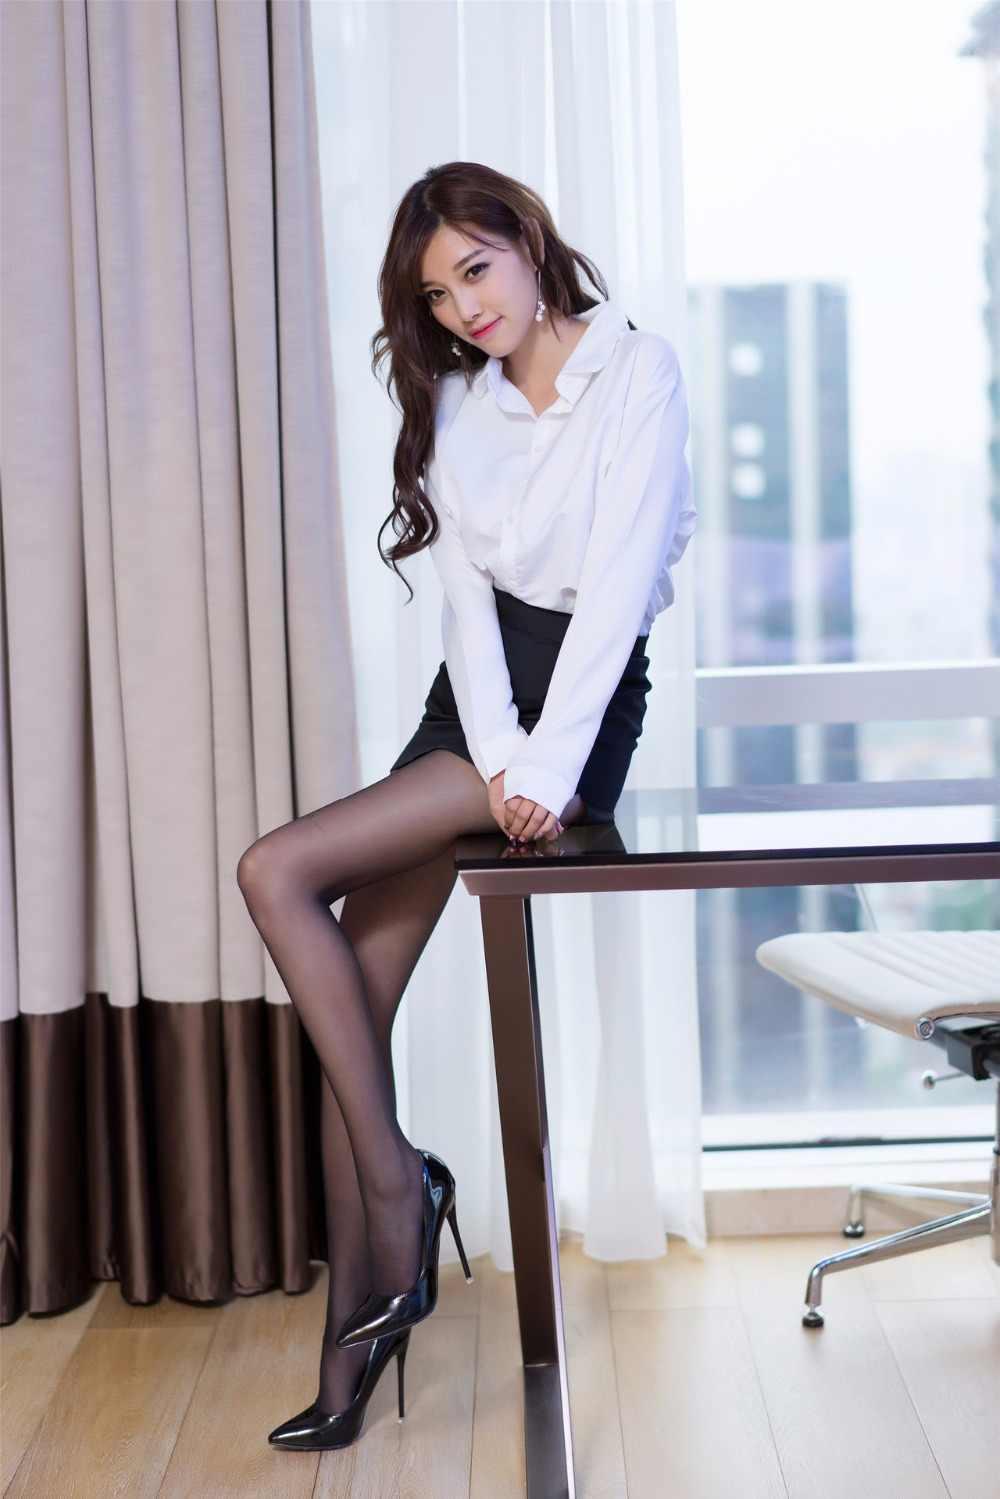 33677c79d Mujeres señora Sexy Secretaria uniforme tentación camisa falda ...